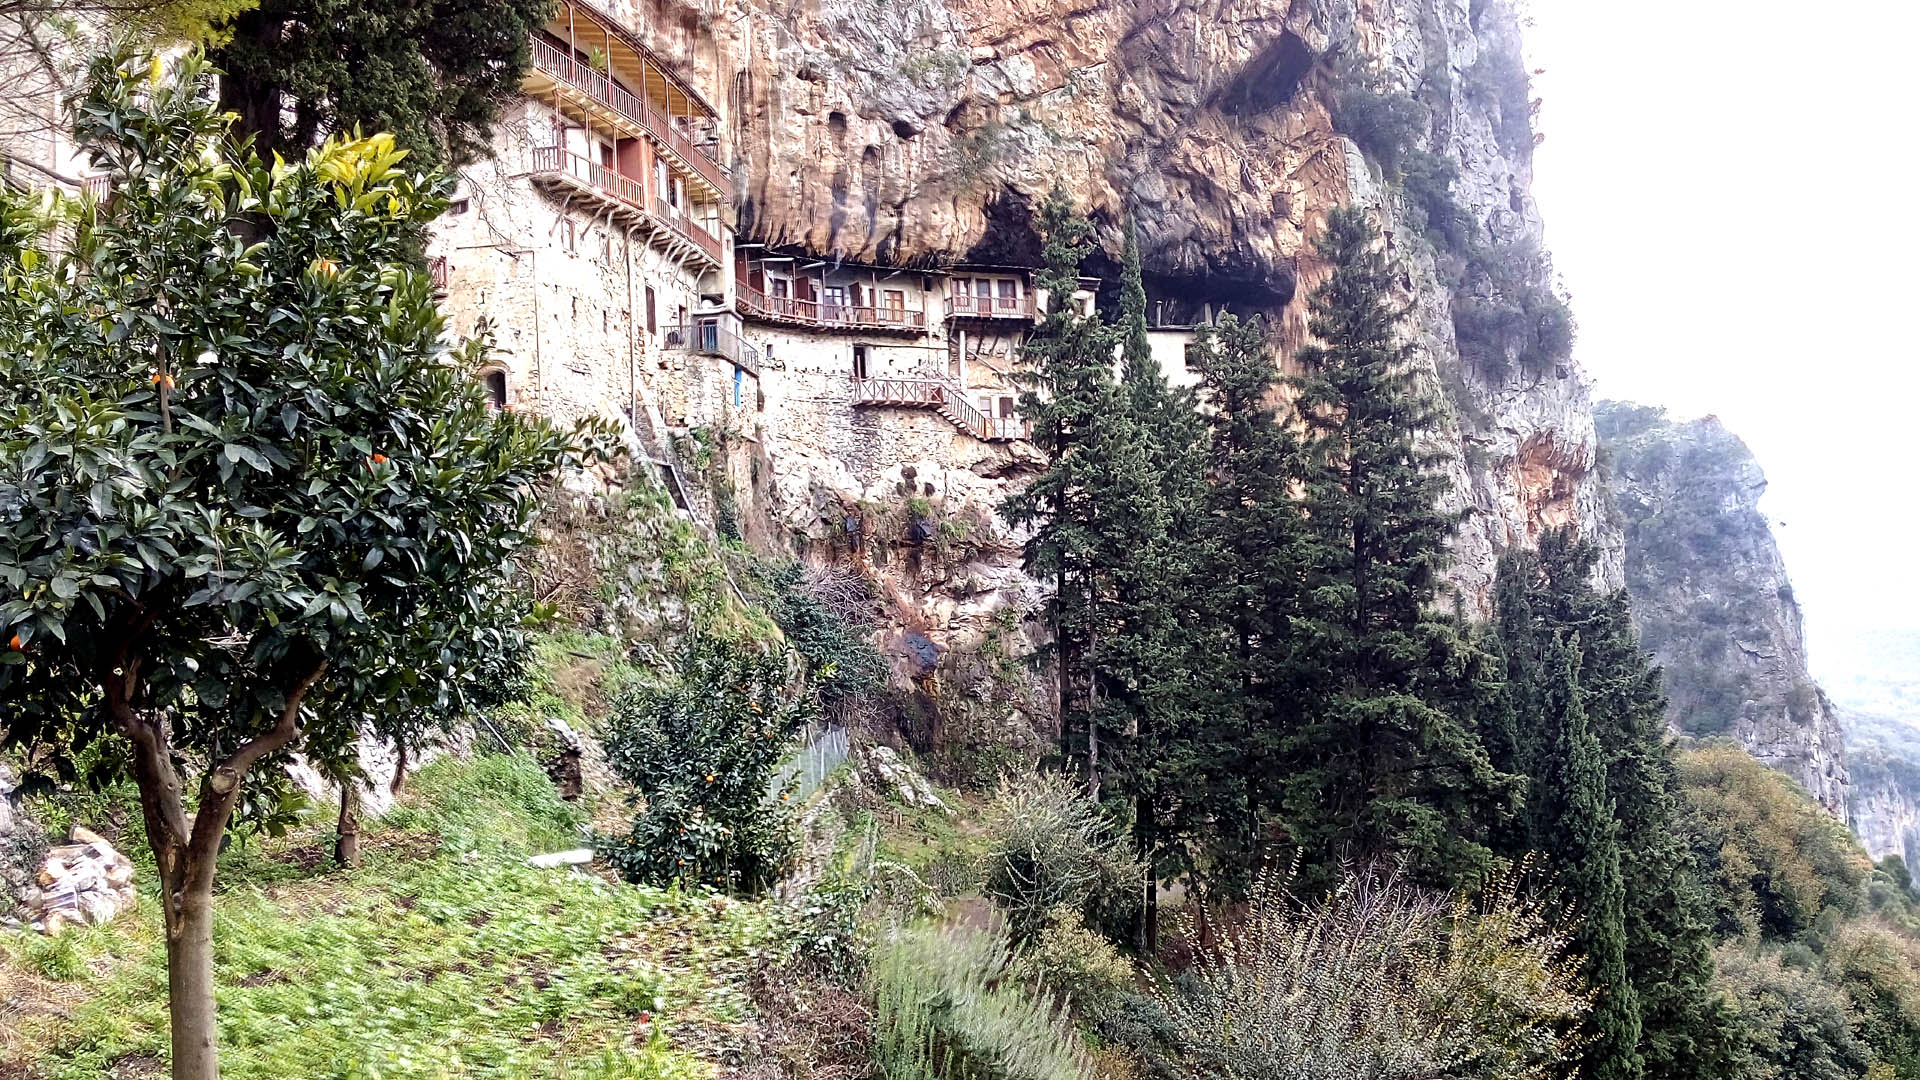 Prodromou monastery - Private tour Athens